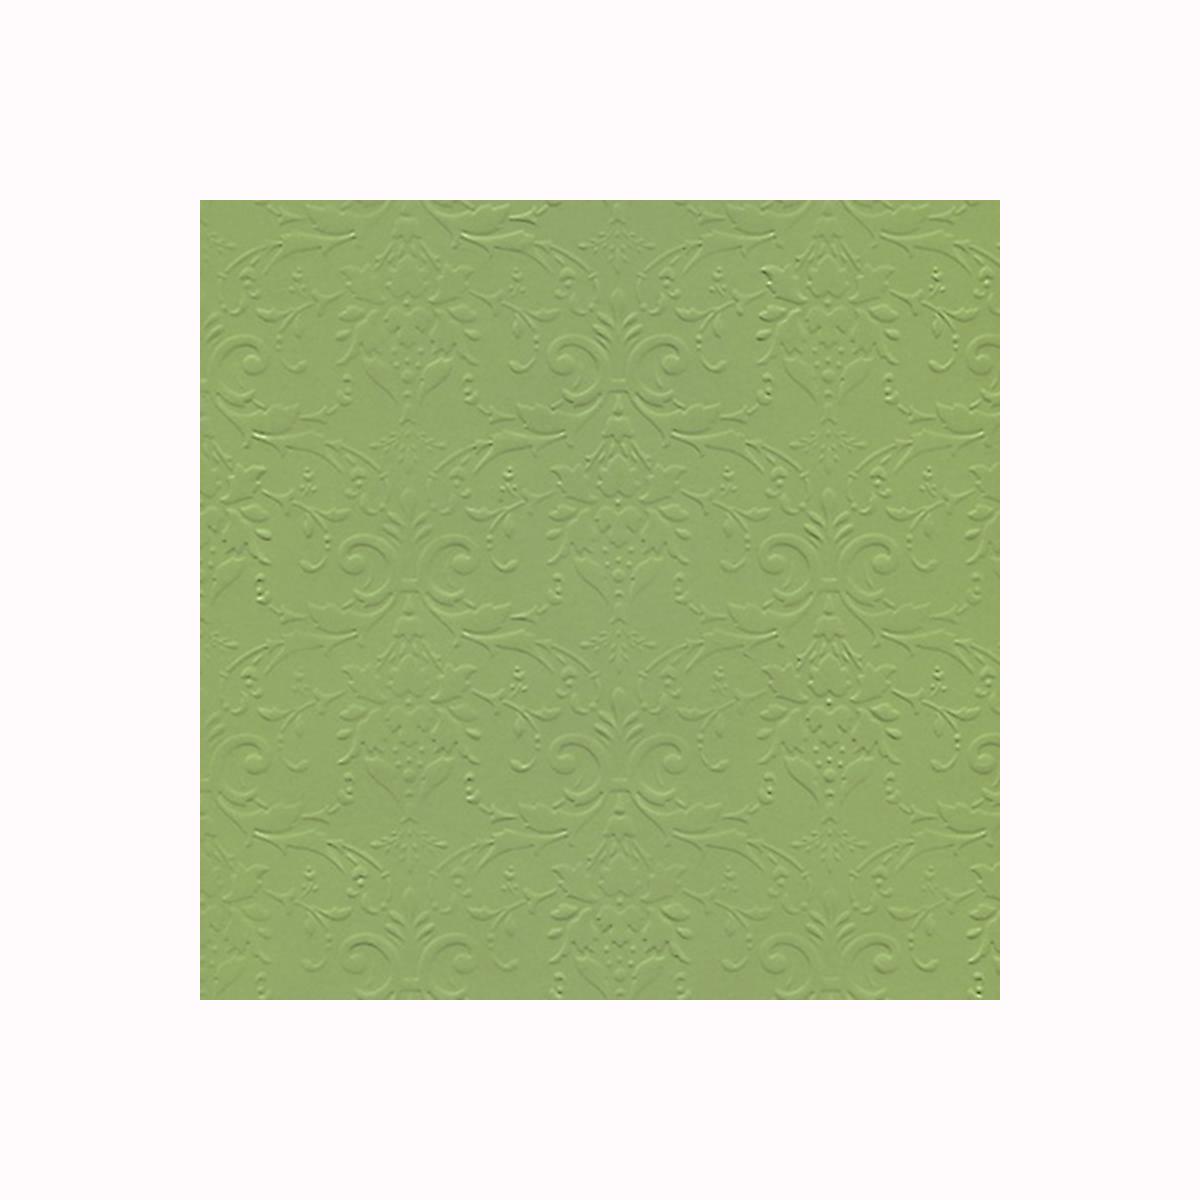 Бумага фактурная Лоза Дамасский узор, цвет: ярко-зеленый, 3 листаC0038550Фактурная бумага для скрапбукинга Лоза Дамасский узор позволит создать красивый альбом, фоторамку или открытку ручной работы, оформить подарок или аппликацию. Набор включает в себя 3 листа из плотной бумаги.Скрапбукинг - это хобби, которое способно приносить массу приятных эмоций не только человеку, который этим занимается, но и его близким, друзьям, родным. Это невероятно увлекательное занятие, которое поможет вам сохранить наиболее памятные и яркие моменты вашей жизни, а также интересно оформить интерьер дома. Плотность бумаги: 200 г/м2.